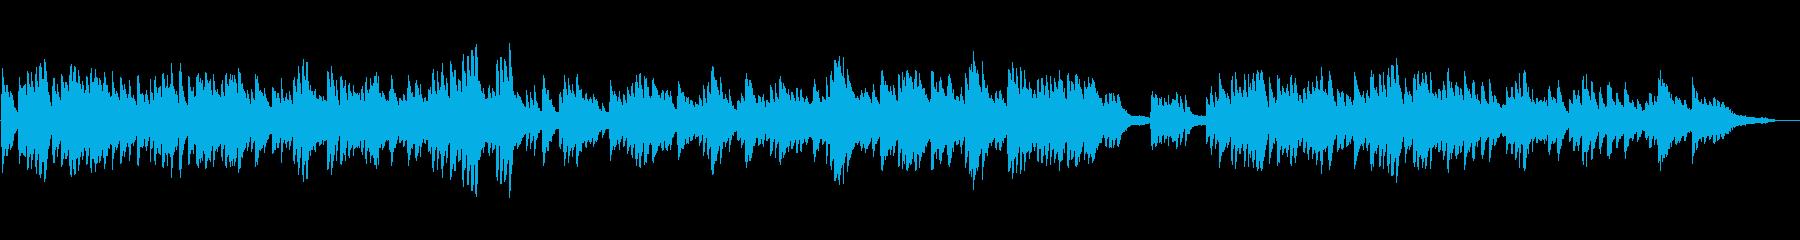 のびやかで明るい ピアノソロの再生済みの波形